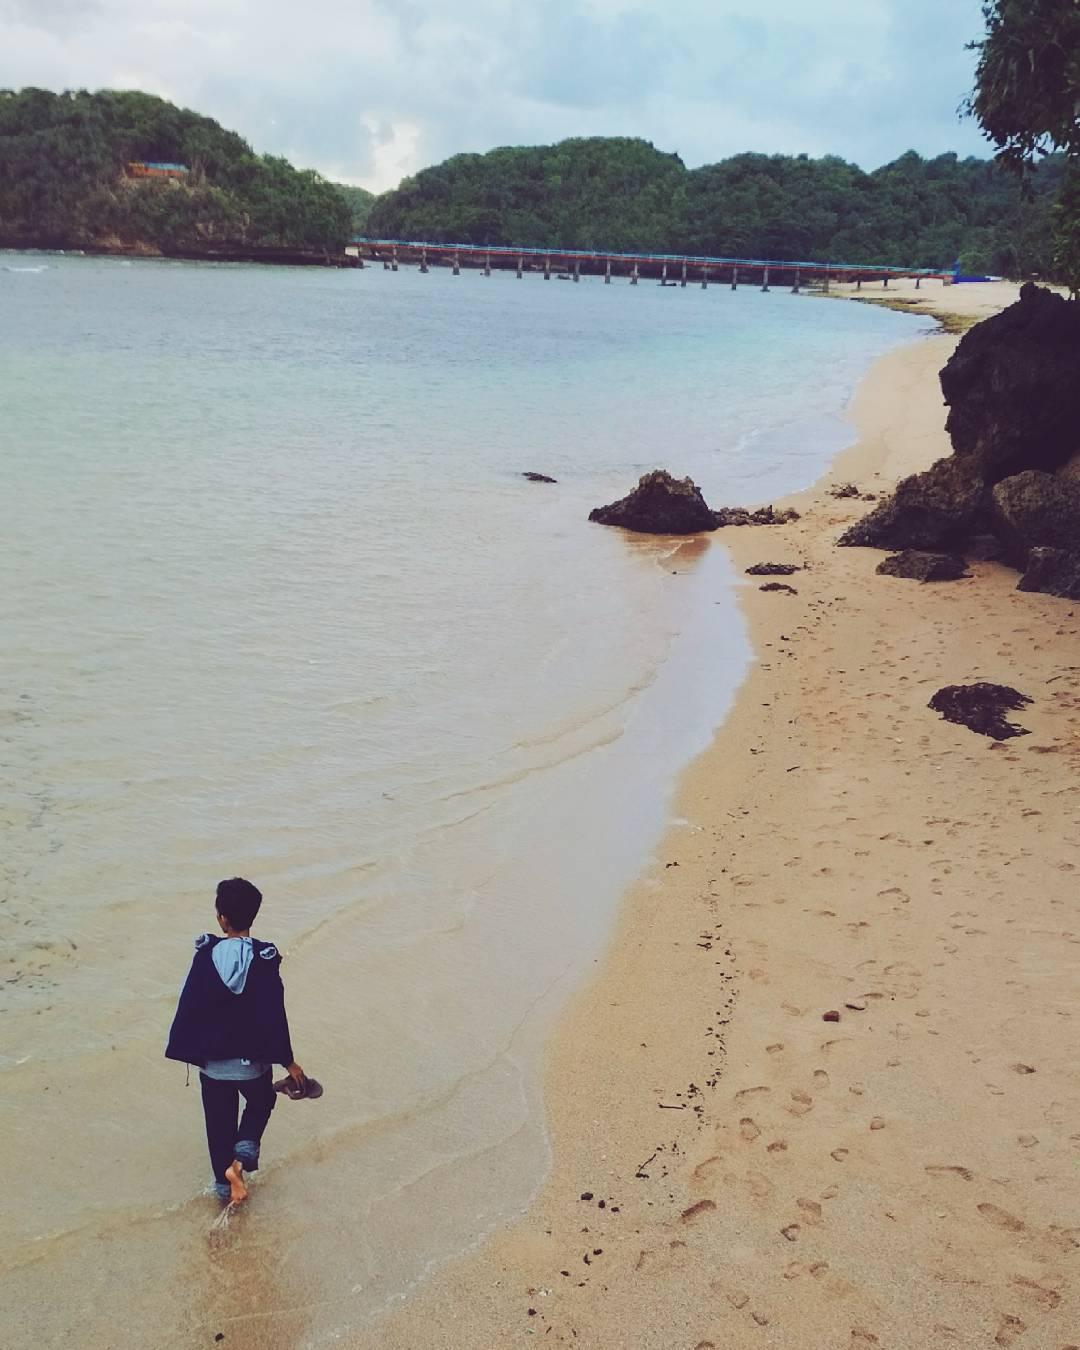 Menyusuri Pantai, Menyusuri Pantai Malang, Kabupaten Malang, Dolan Dolen, Dolaners Menyusuri Pantai by monalisaachyan - Dolan Dolen